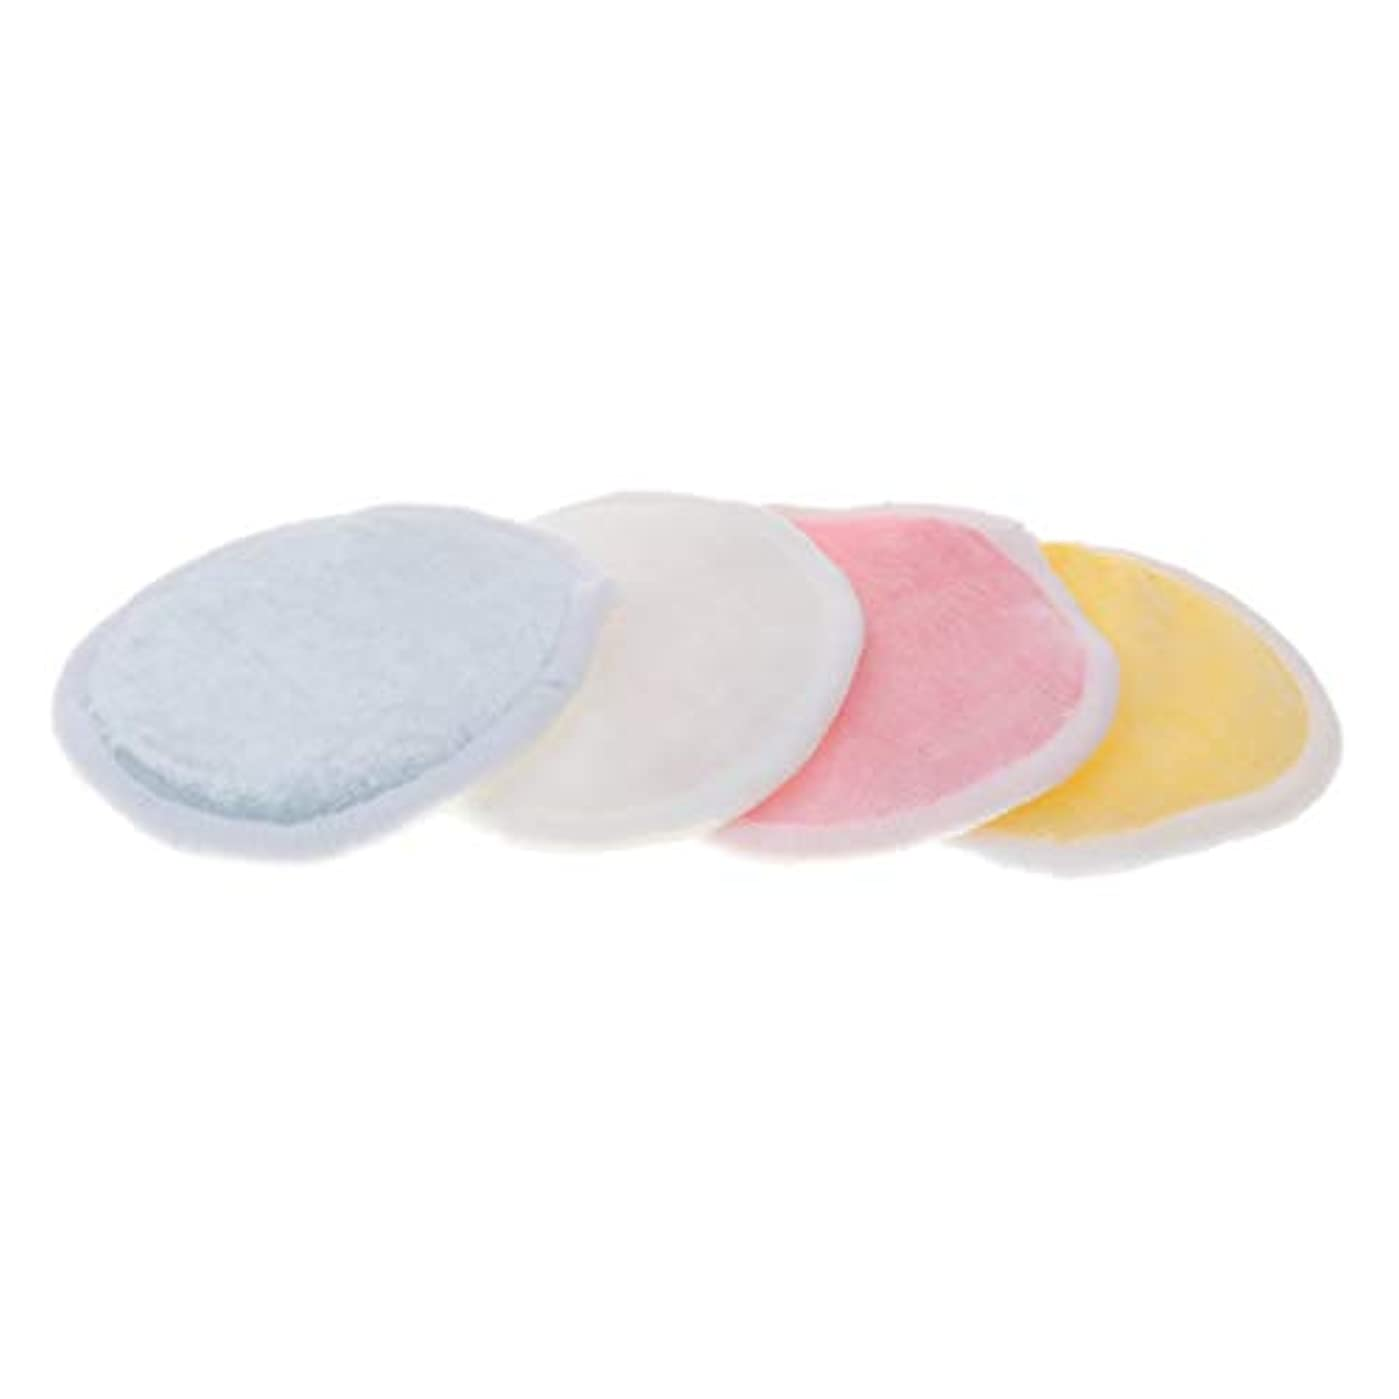 平衡チームバーゲンCUTICATE 全2サイズ メイク落としコットン クレンジングシート 化粧水パッド 再使用可 バッグ付 化粧用 4個入 - L